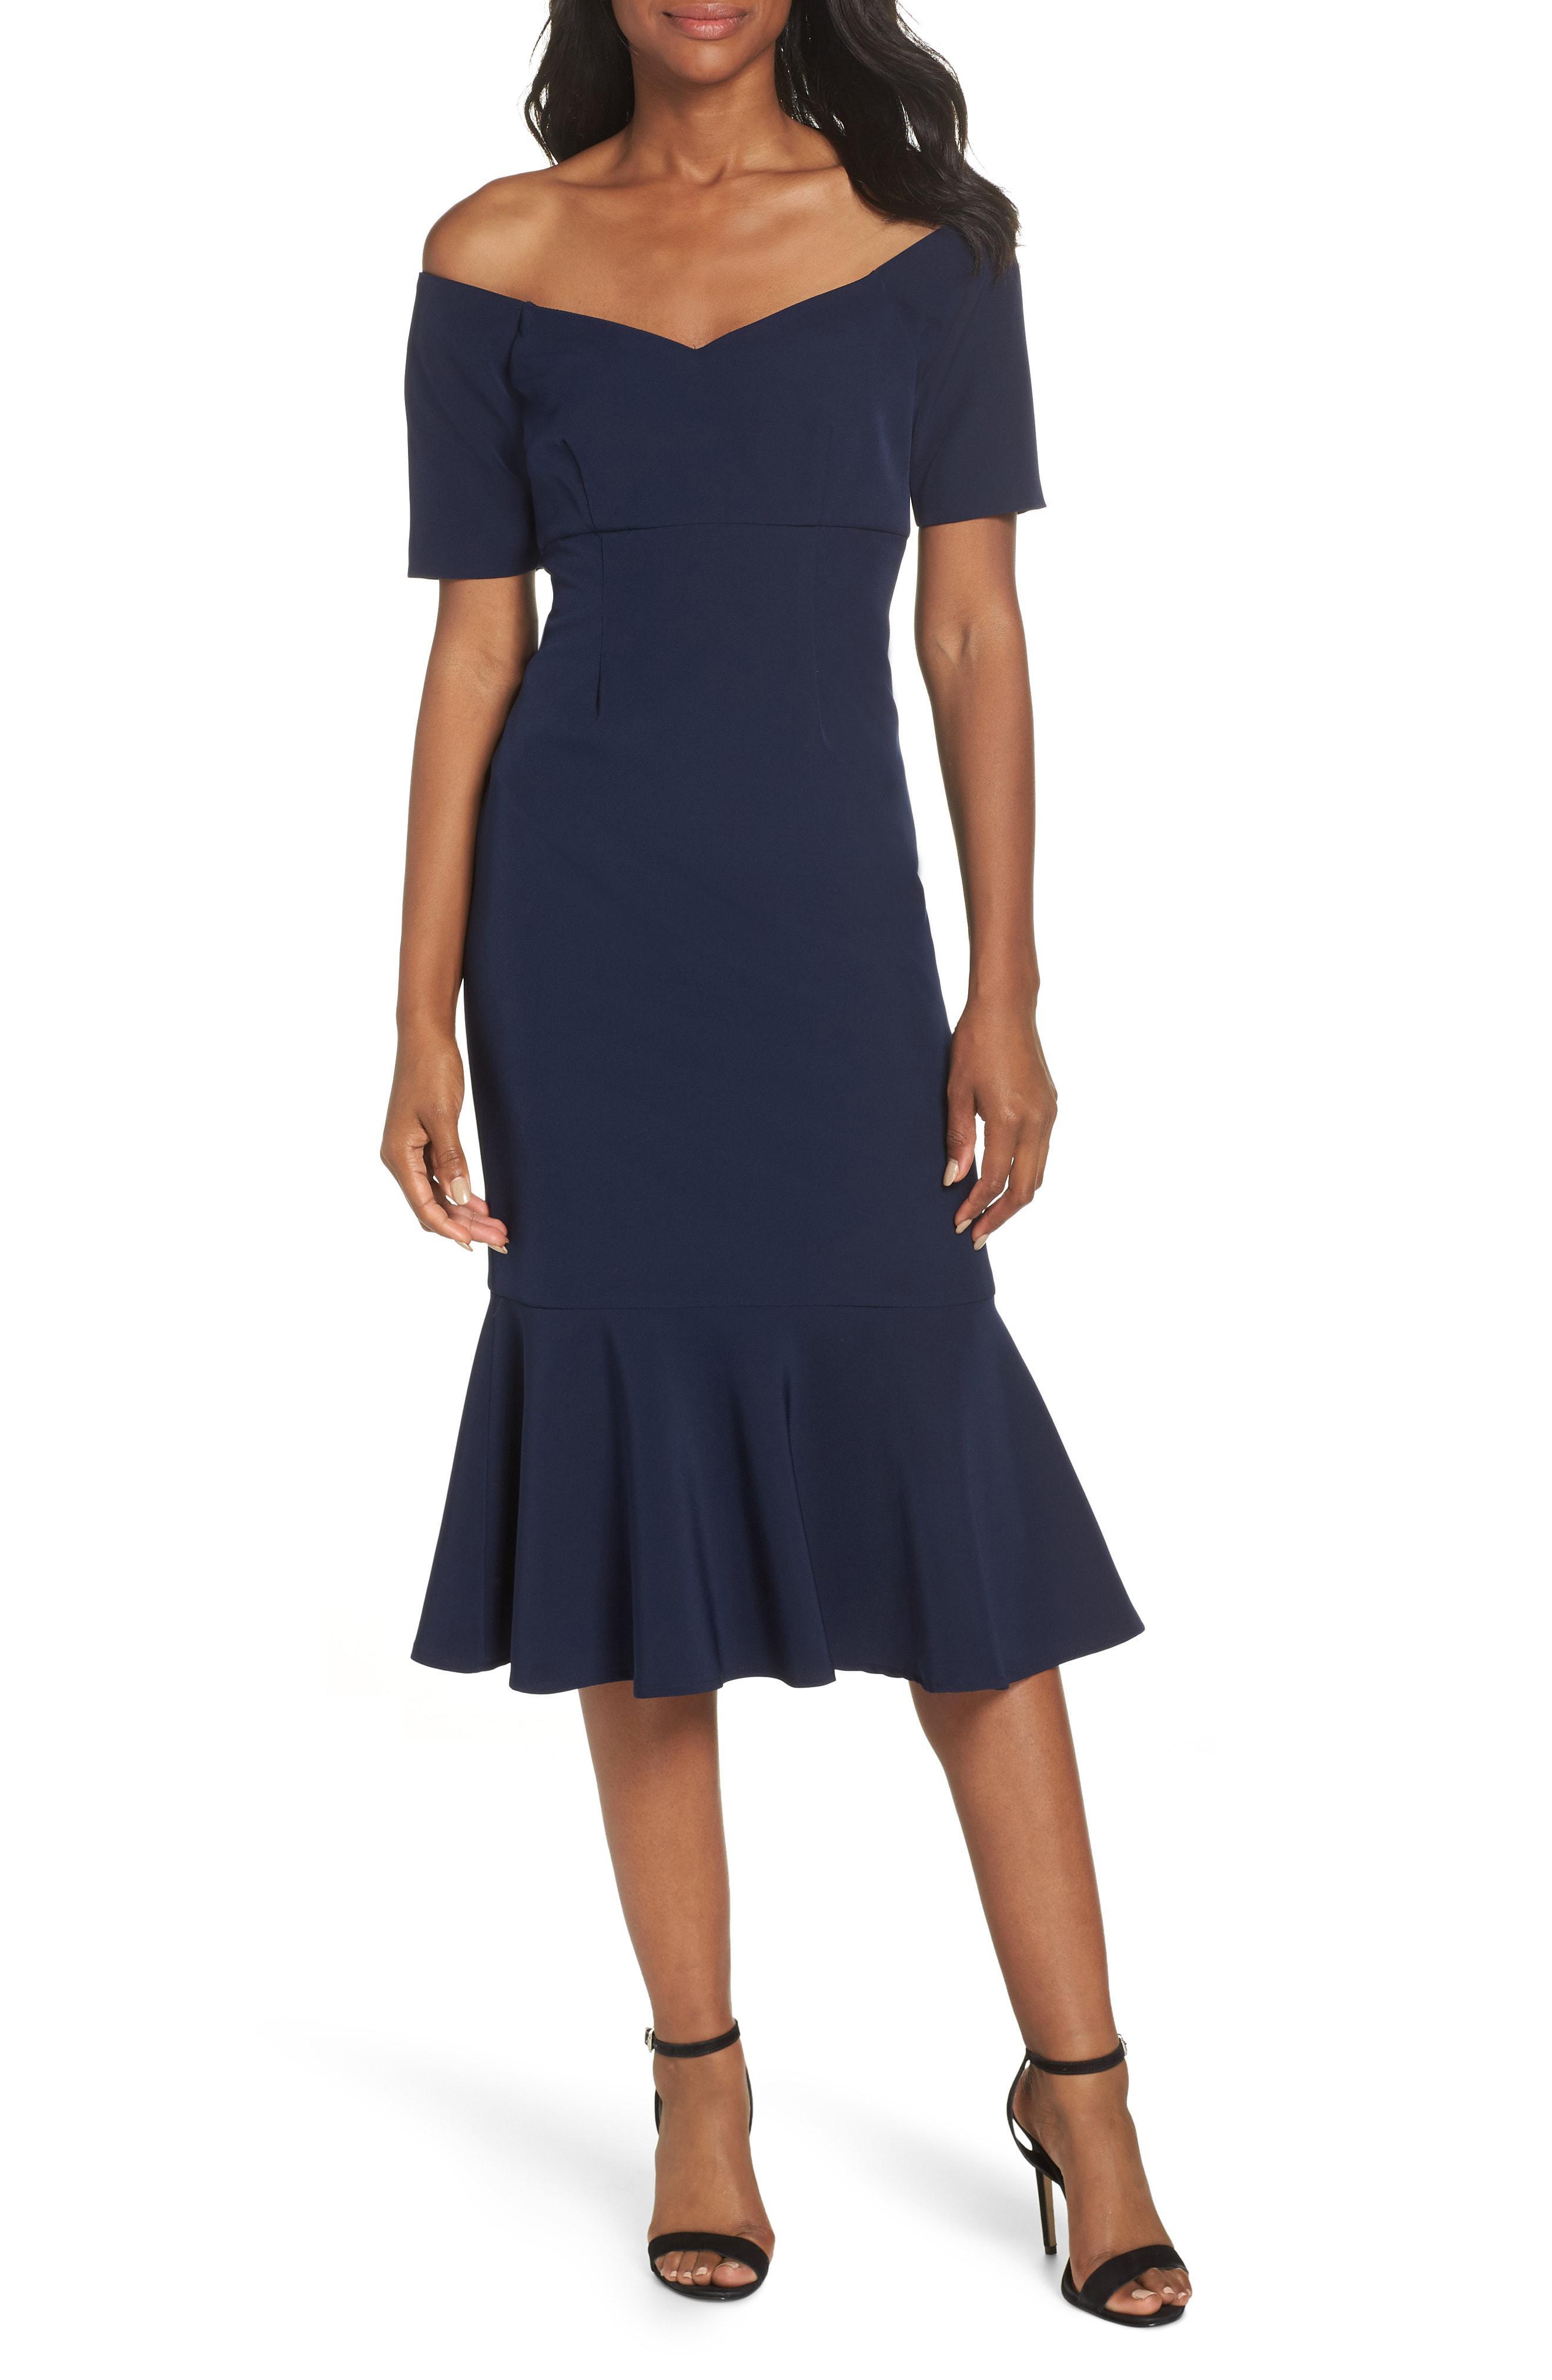 cb780e3e9df7 Lyst - Maggy London Dream Crepe Off The Shoulder Midi Dress in Blue ...